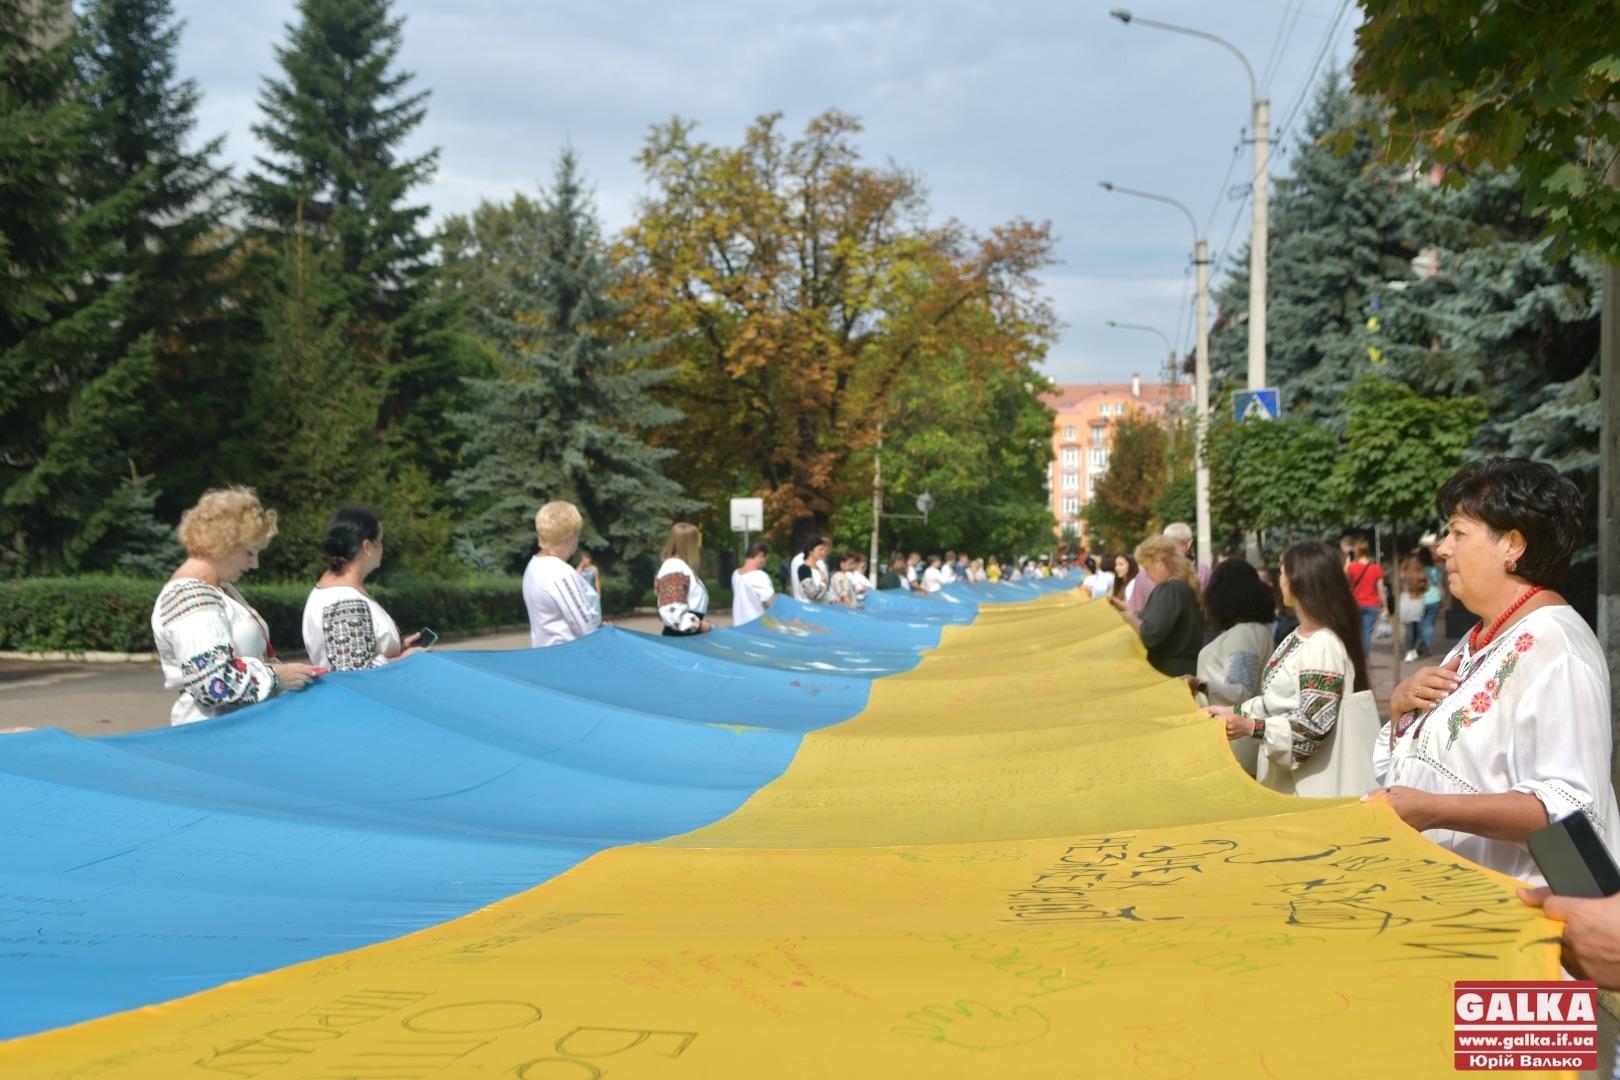 Черговий рекорд: один з найбільших прапорів України розгорнули в Івано-Франківську (ФОТО)